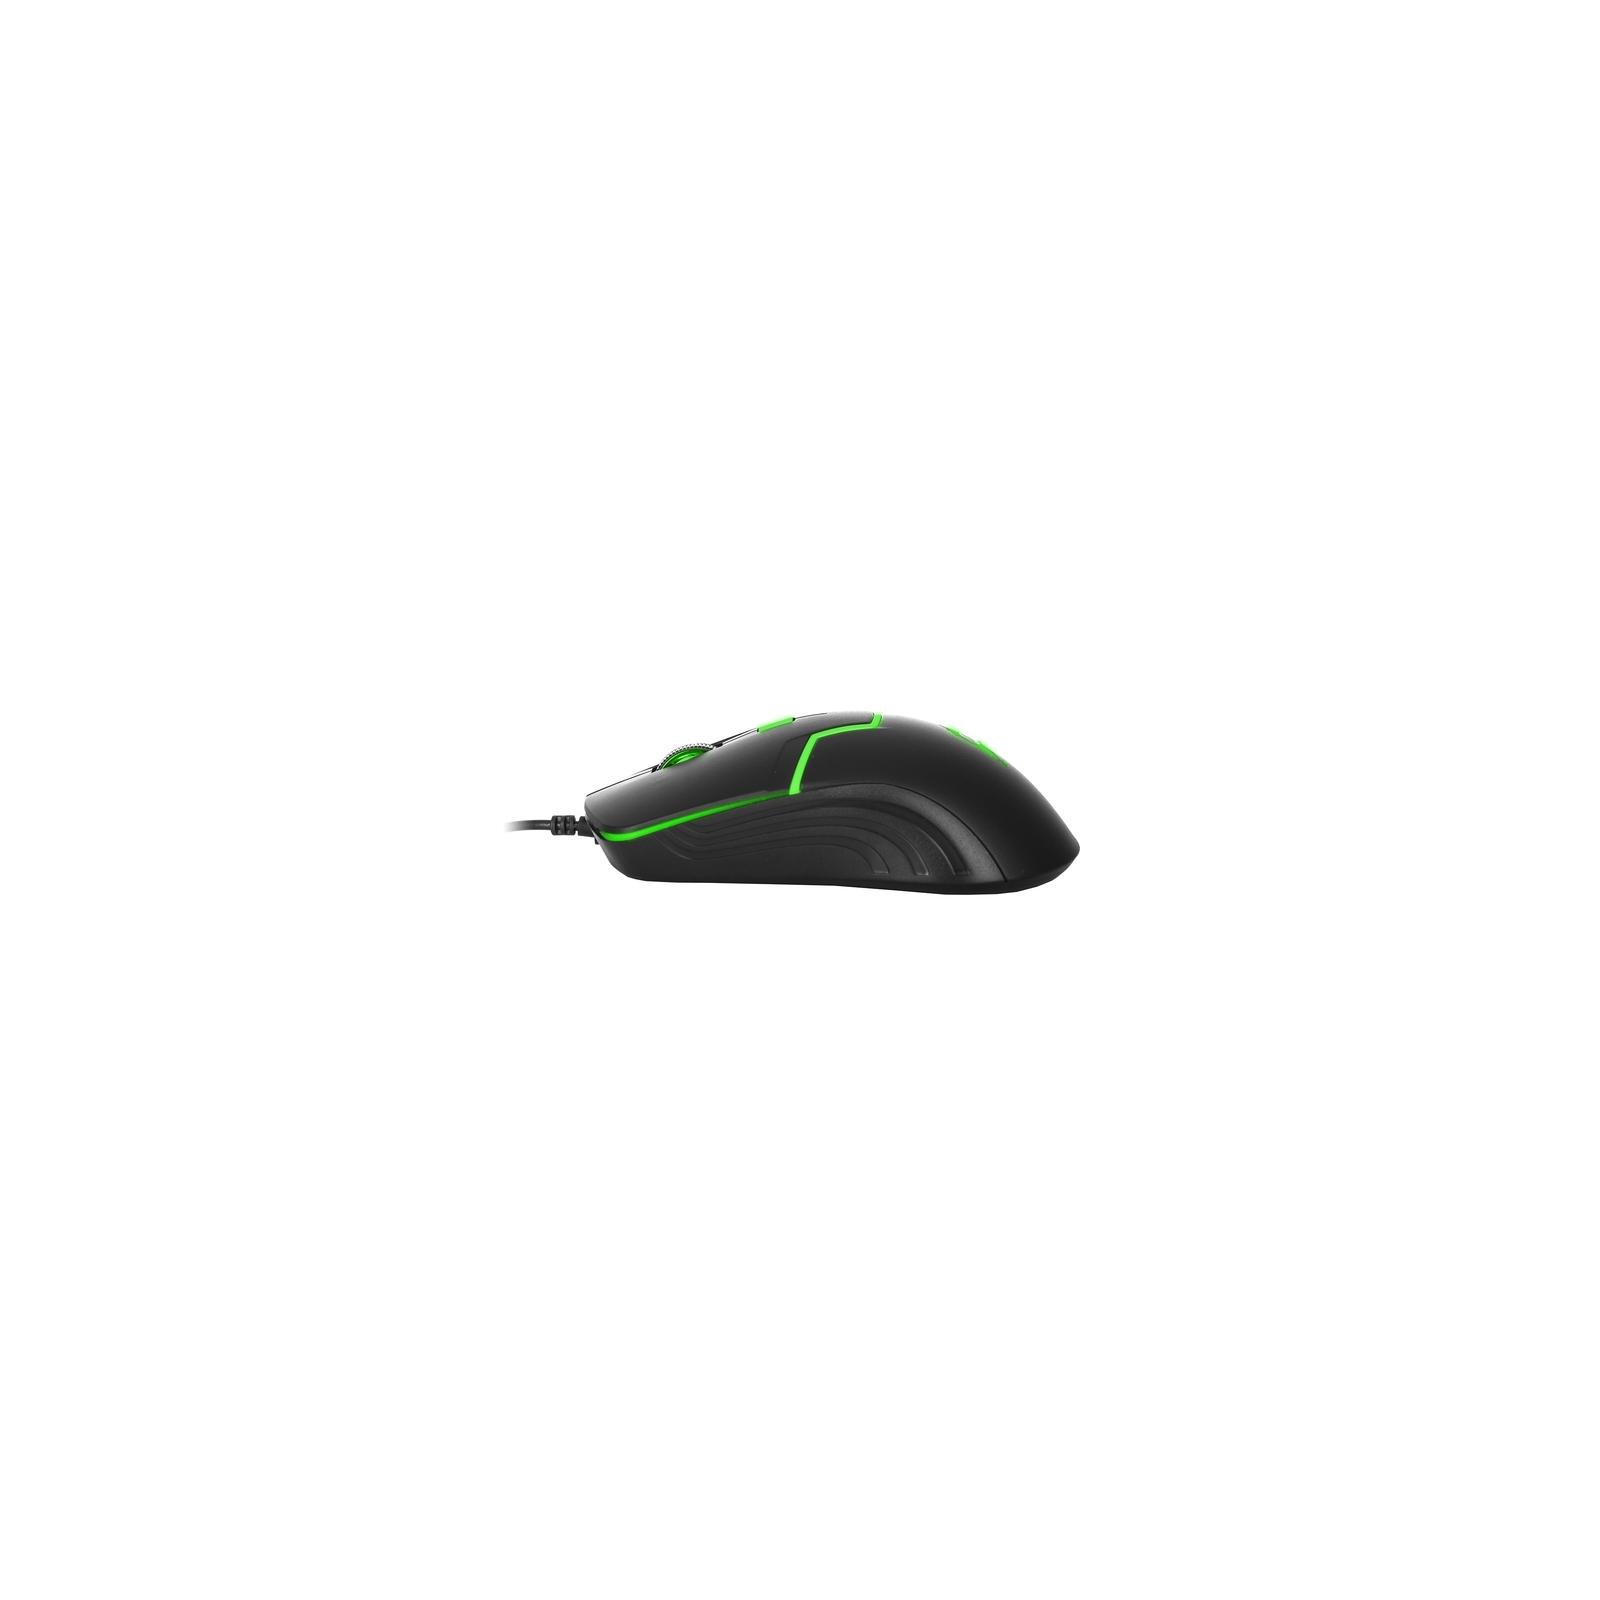 Мышка Ergo NL-430 Black (NL-430) изображение 3